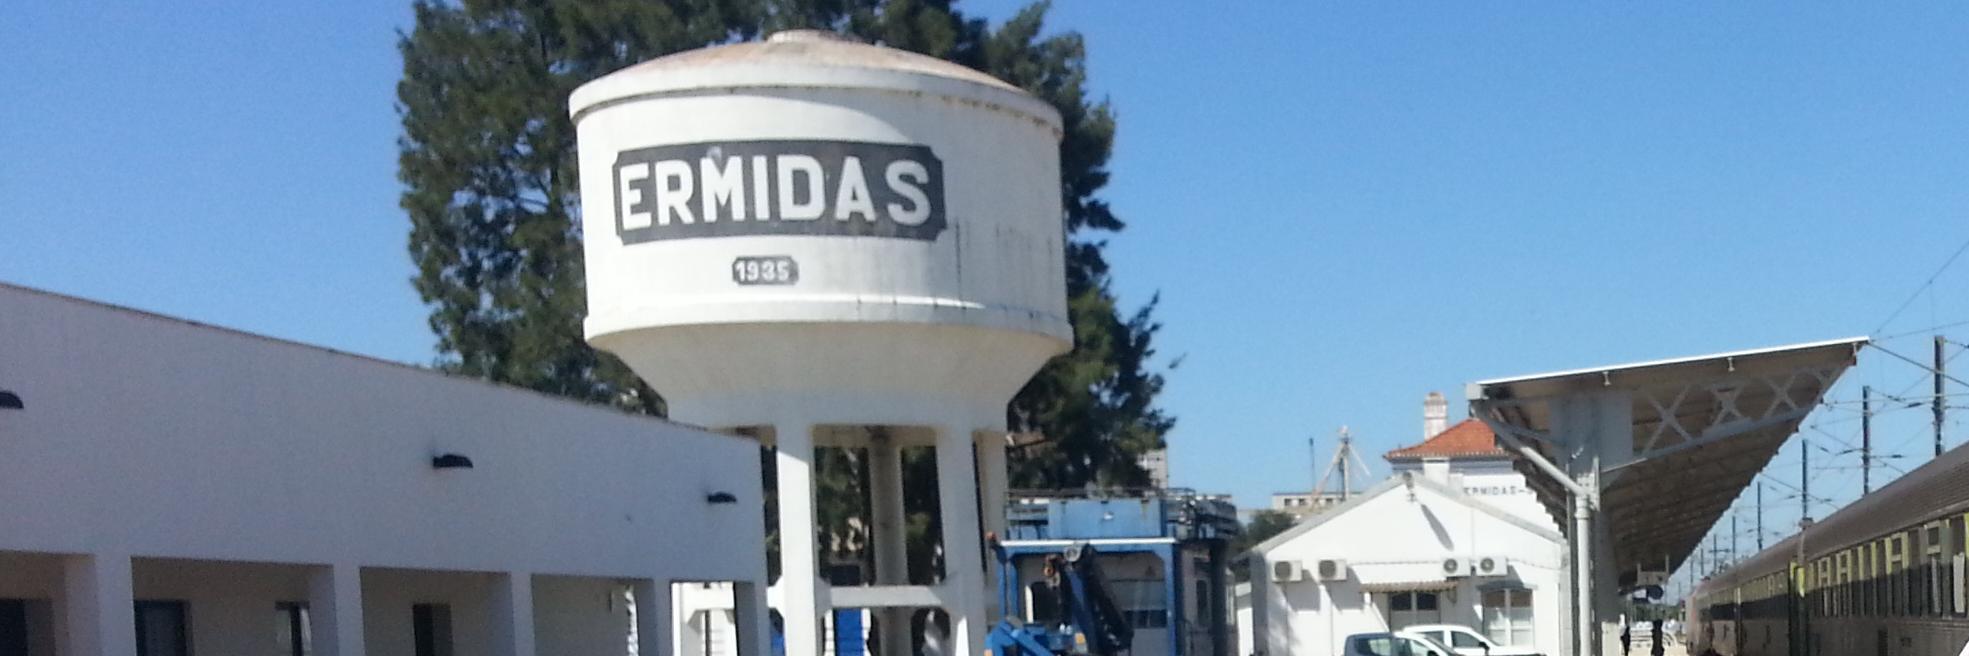 La gare de Ermidas Sado